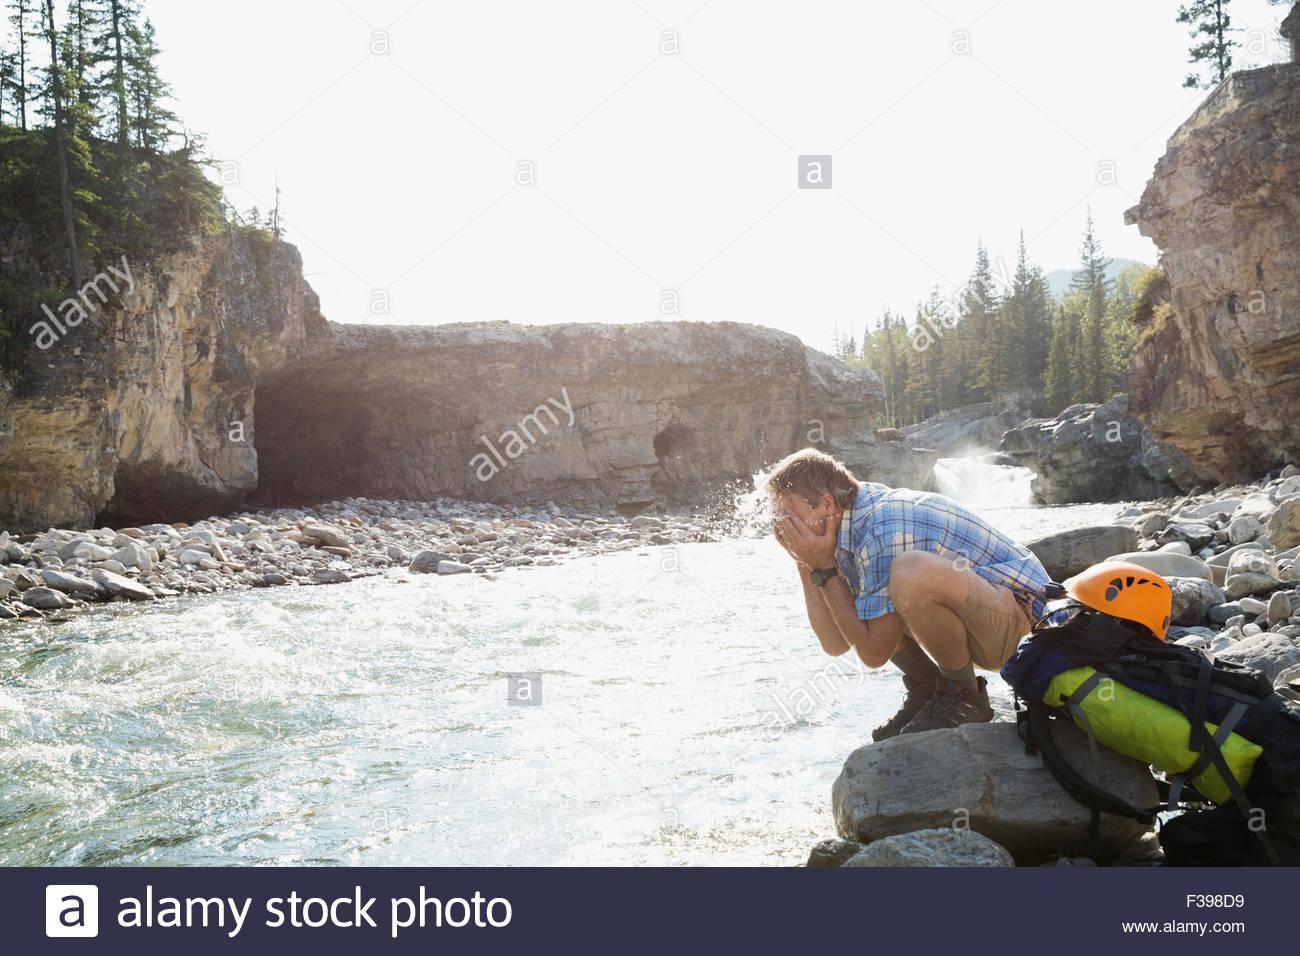 Caminante salpicaduras de agua en la cara en la escarpada ribera Imagen De Stock